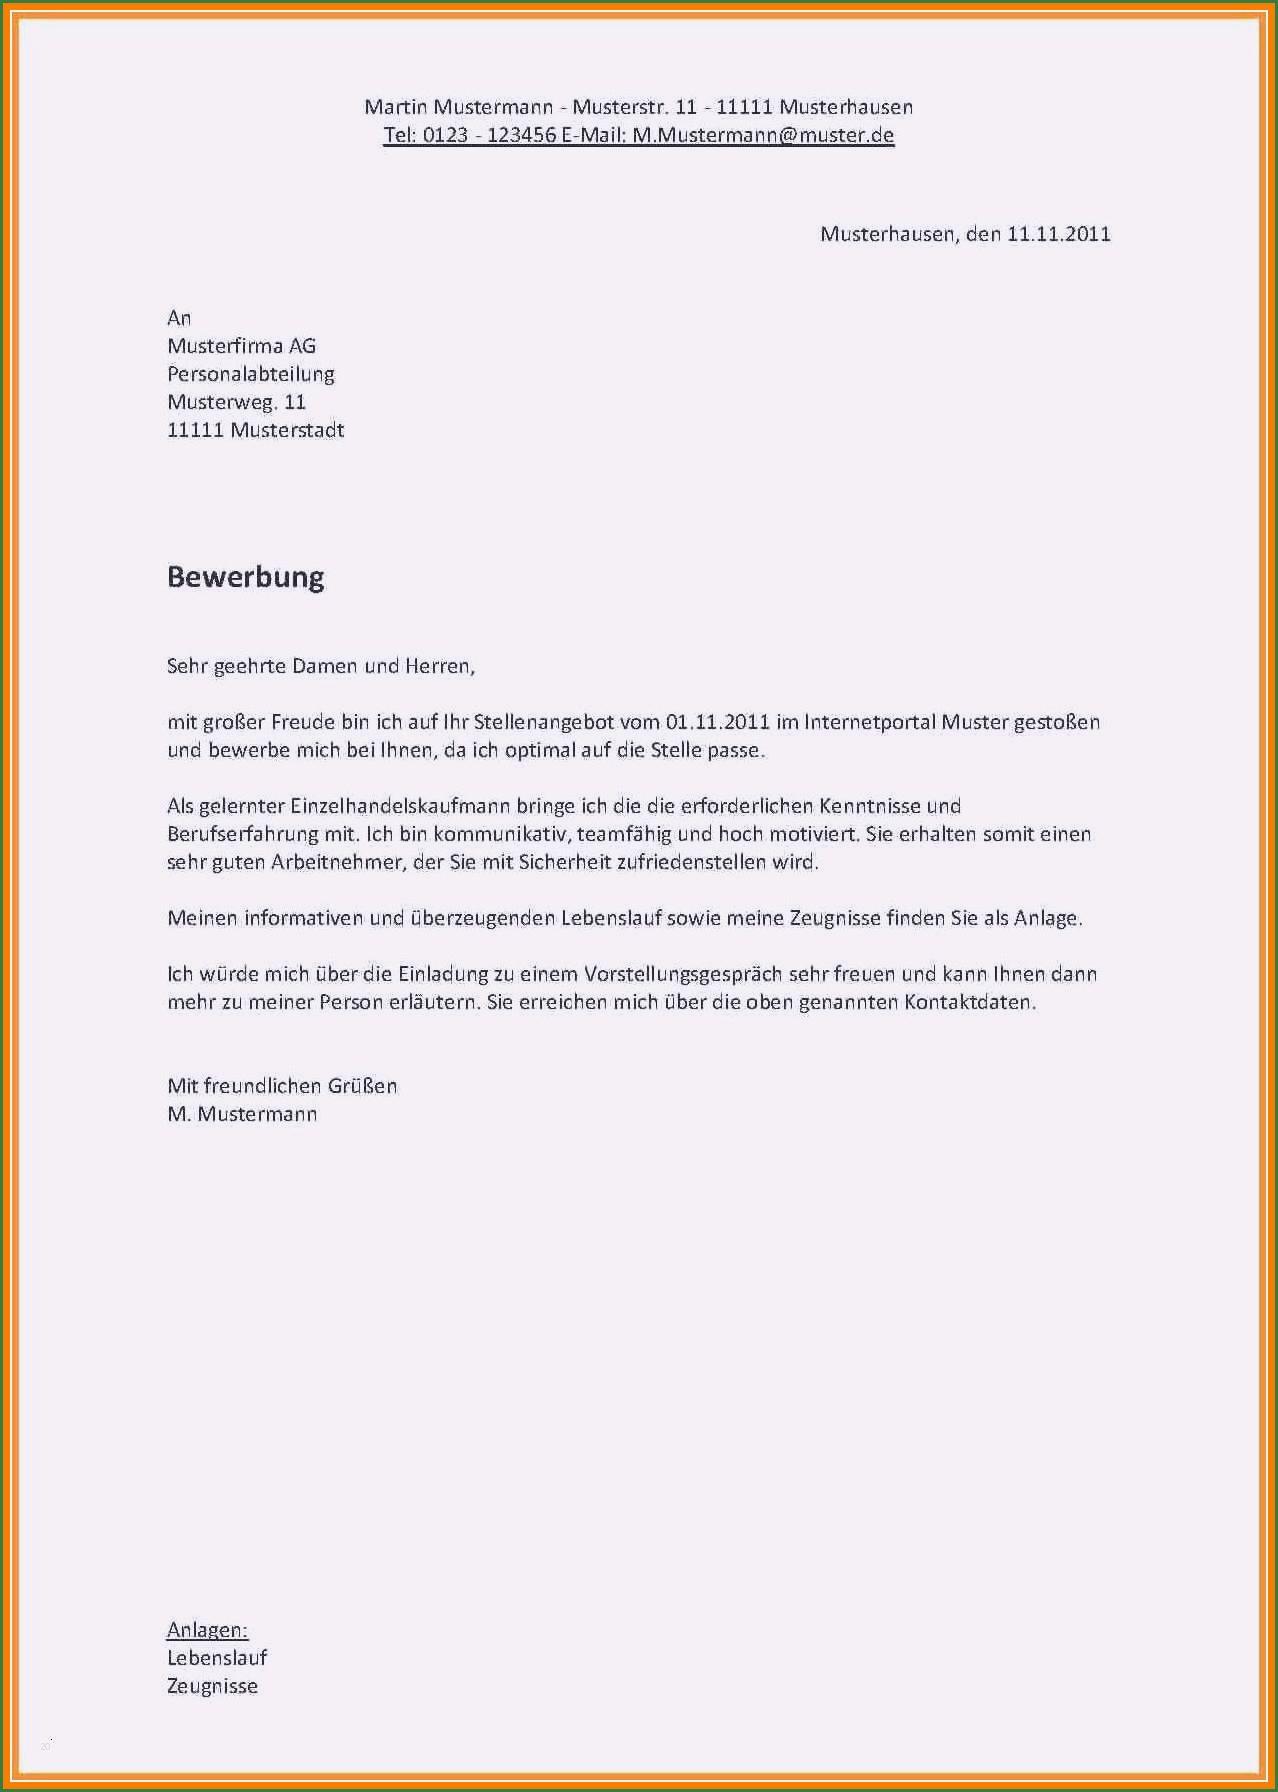 30 Neu Aldi Bewerbung Vorlage Bilder In 2020 Bewerbung Briefkopf Vorlage Geschenkgutschein Vorlage